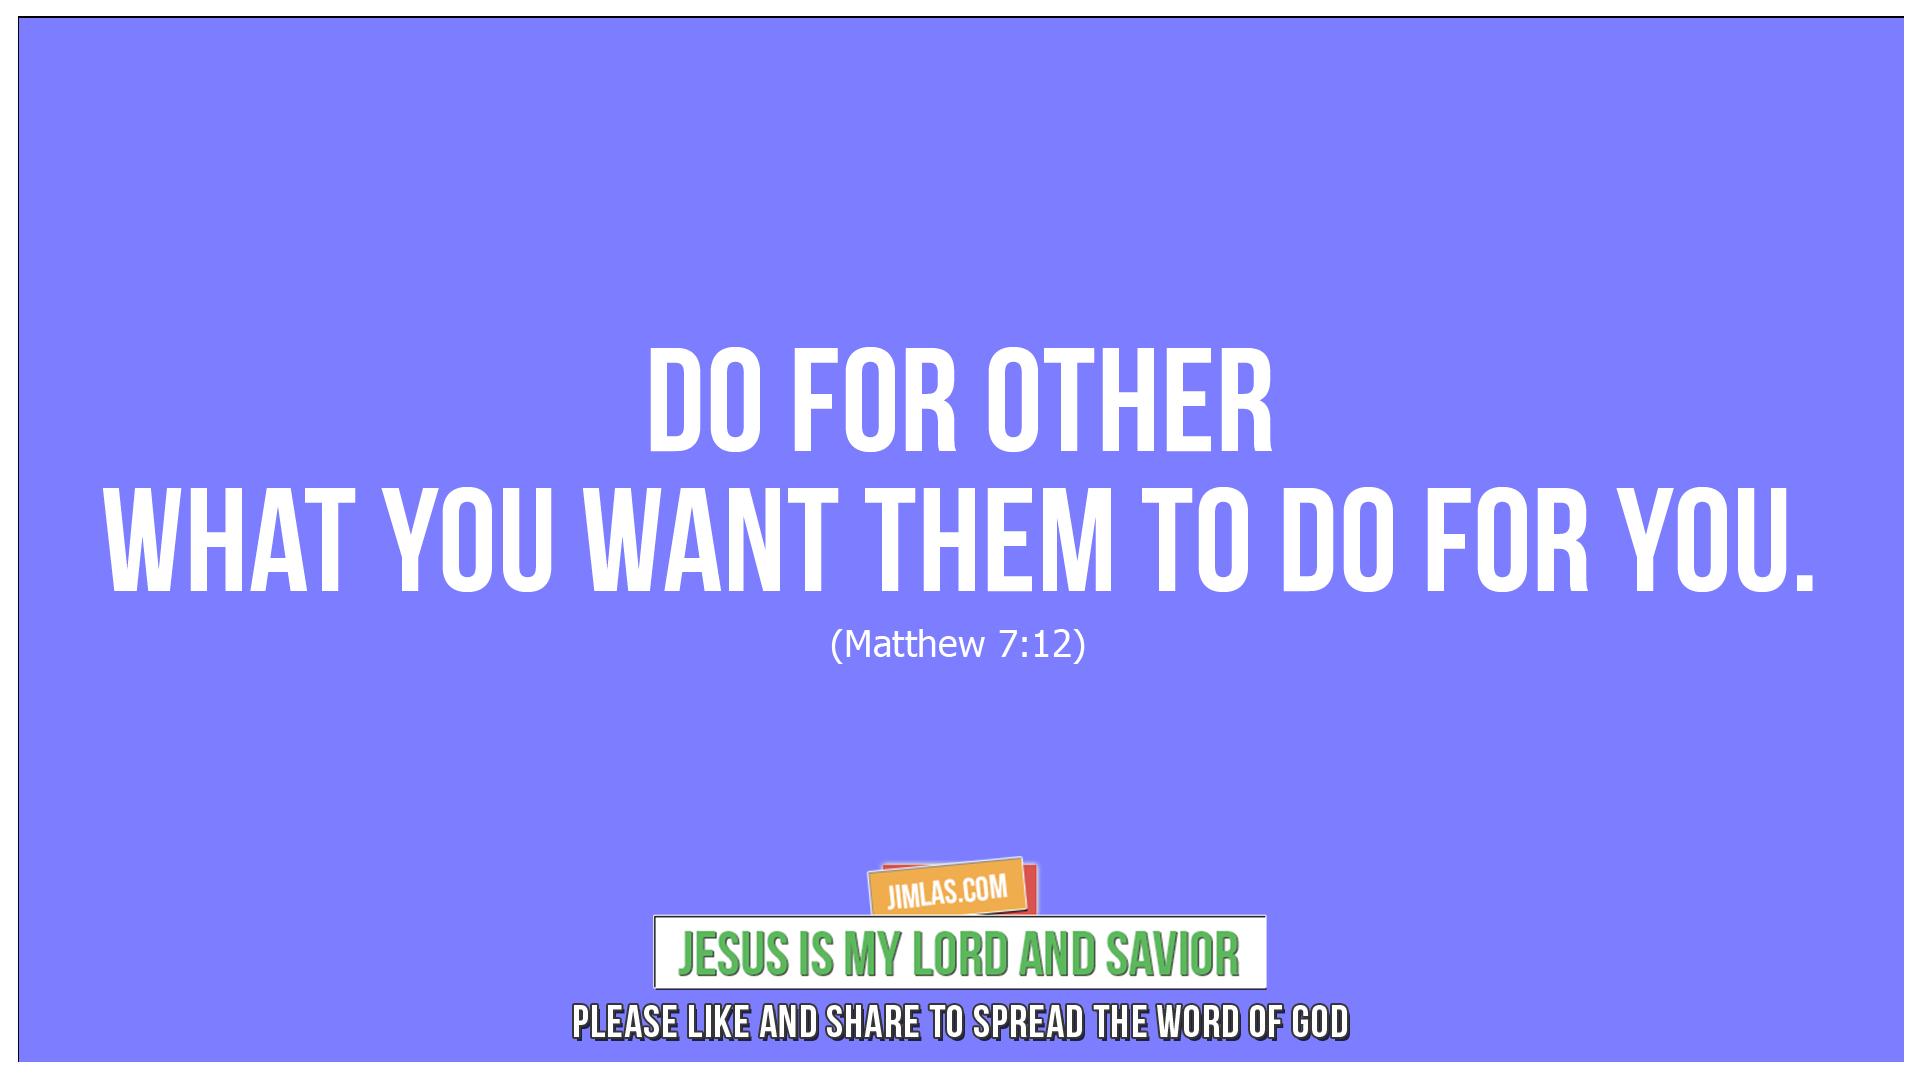 matthew 7 12, Matthew 7:12